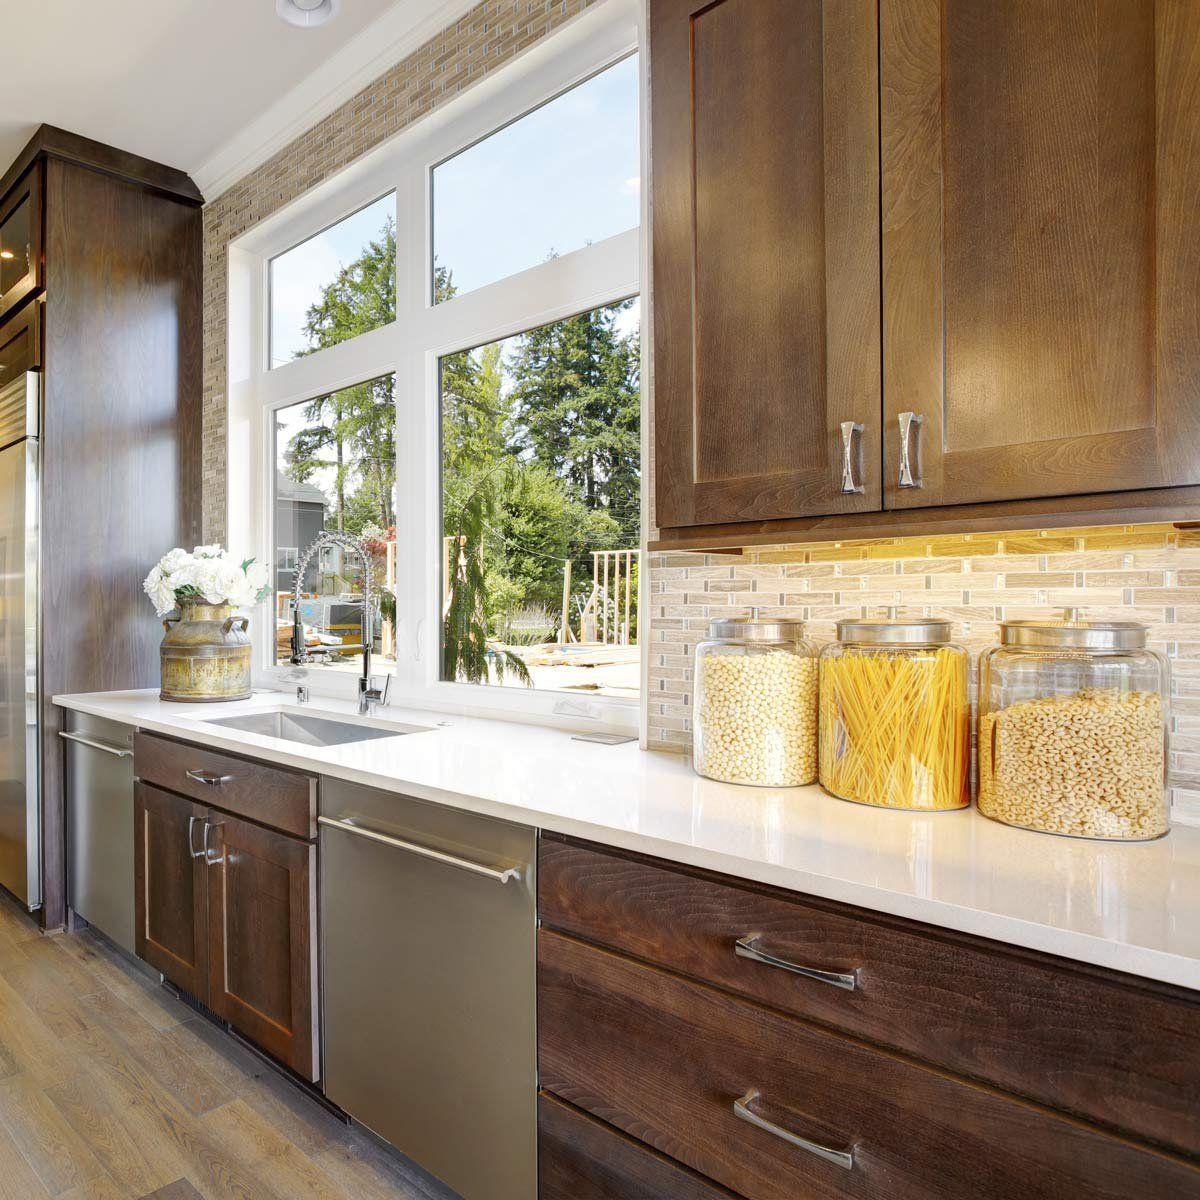 Best Kitchen Backsplash Ideas For Dark Cabinets The Family Handyman In 2020 Brown Kitchen Cabinets Kitchen Design Dark Kitchen Cabinets